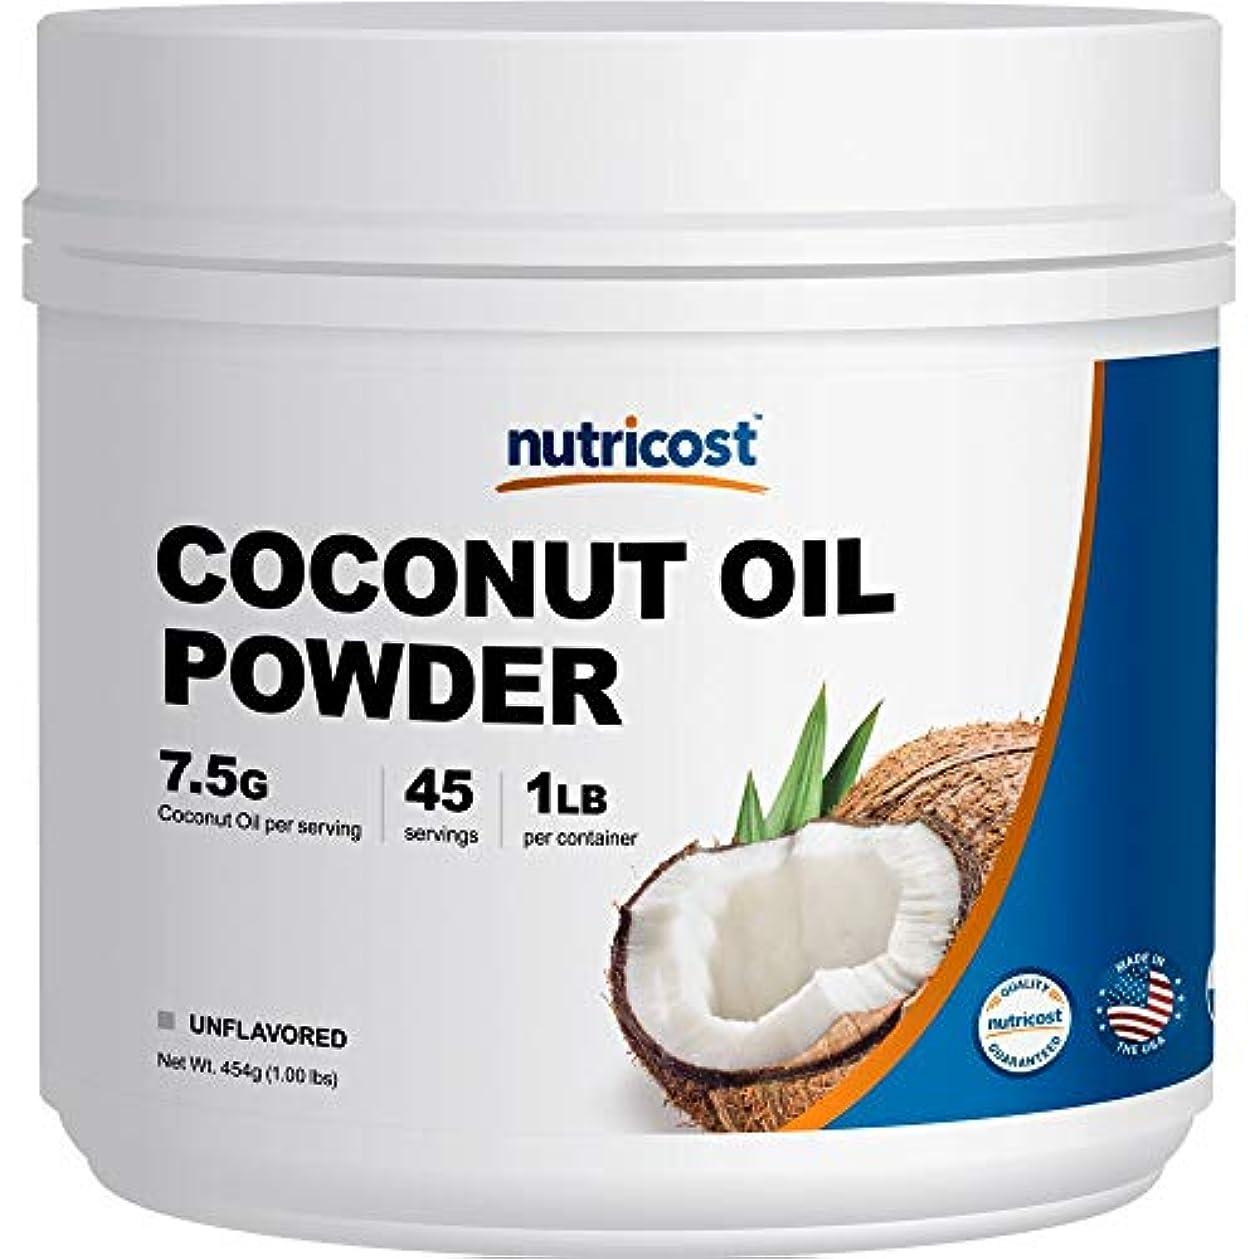 落ちた払い戻し民主党Nutricost ココナッツオイルパウダー 1LB、45食分、非GMO、グルテンフリー